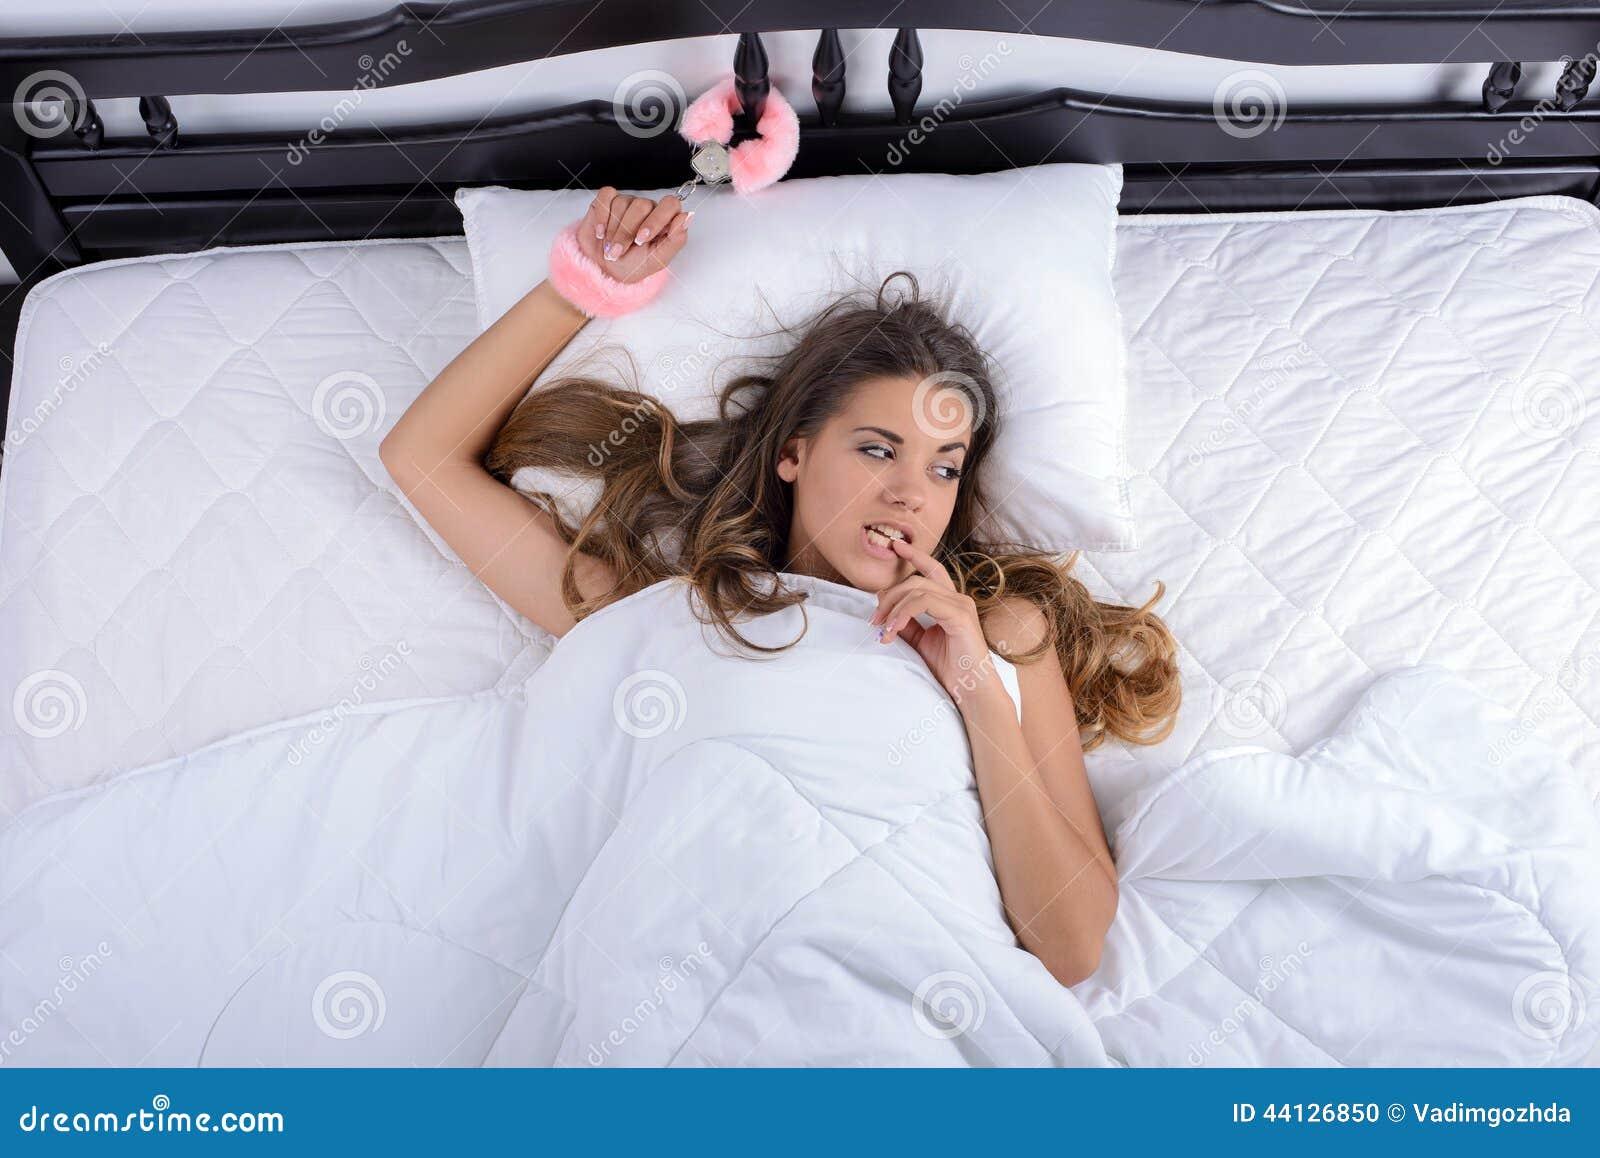 Фото девушки прикованной к кровати наручниками 4 фотография